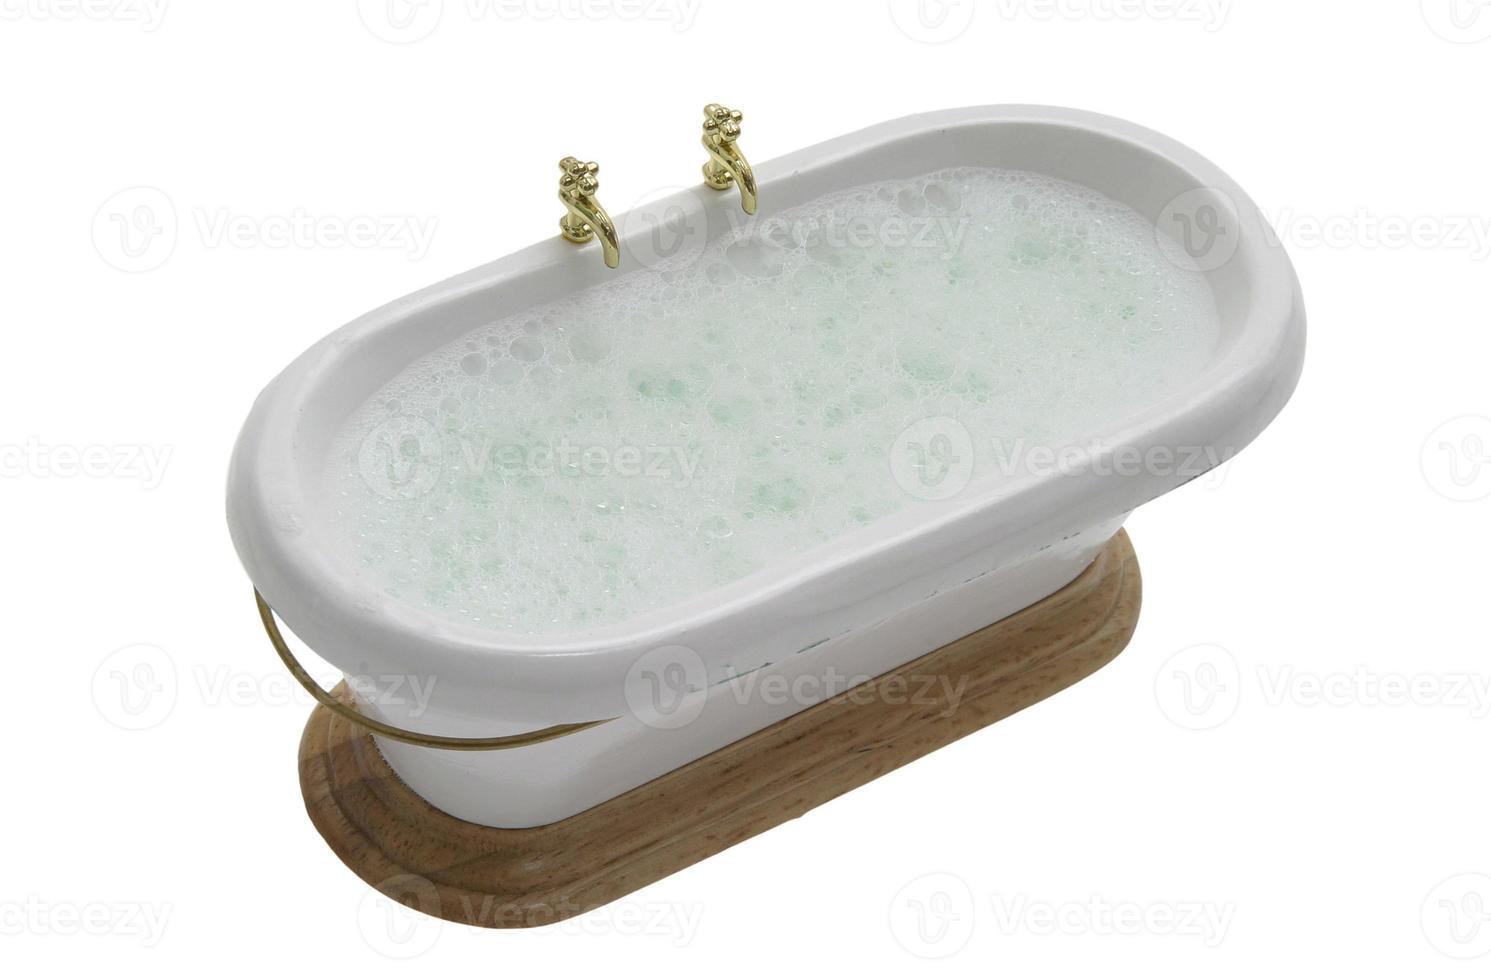 viktorianische badewanne mit wasser und schaum foto